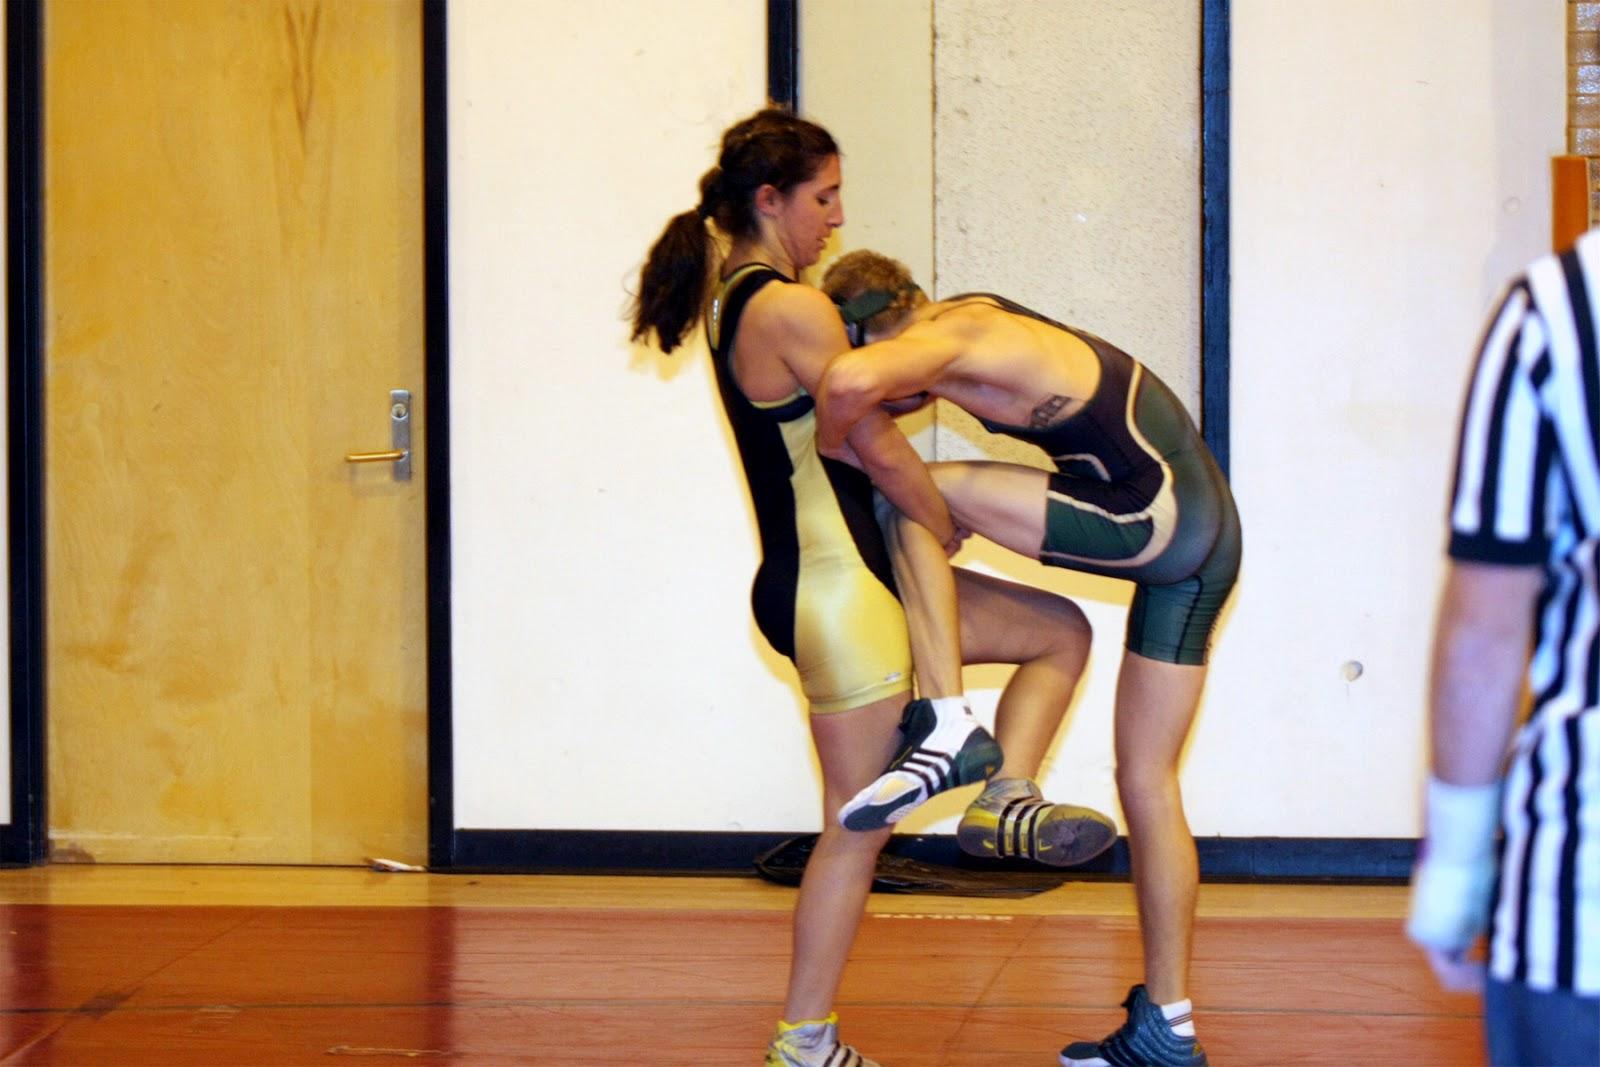 Men Wrestling Women Female College Wrestler Battles A -4365